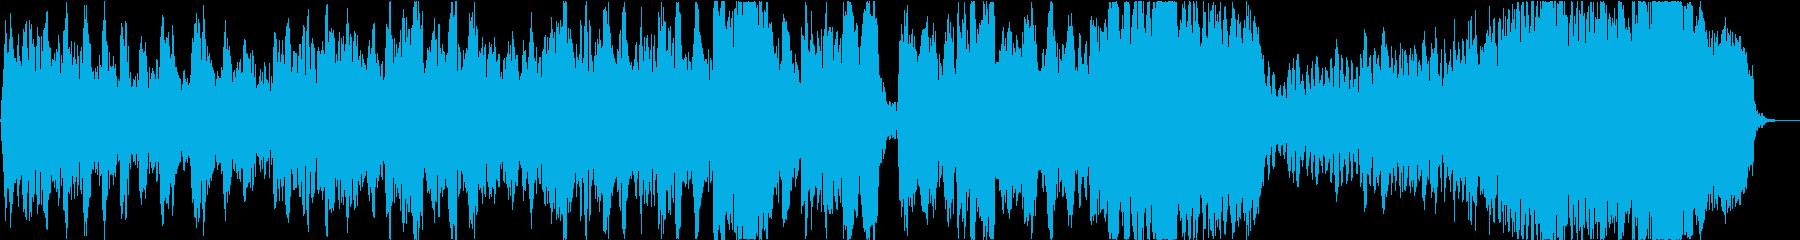 バッハ 無伴奏チェロ組曲「プレリュード」の再生済みの波形